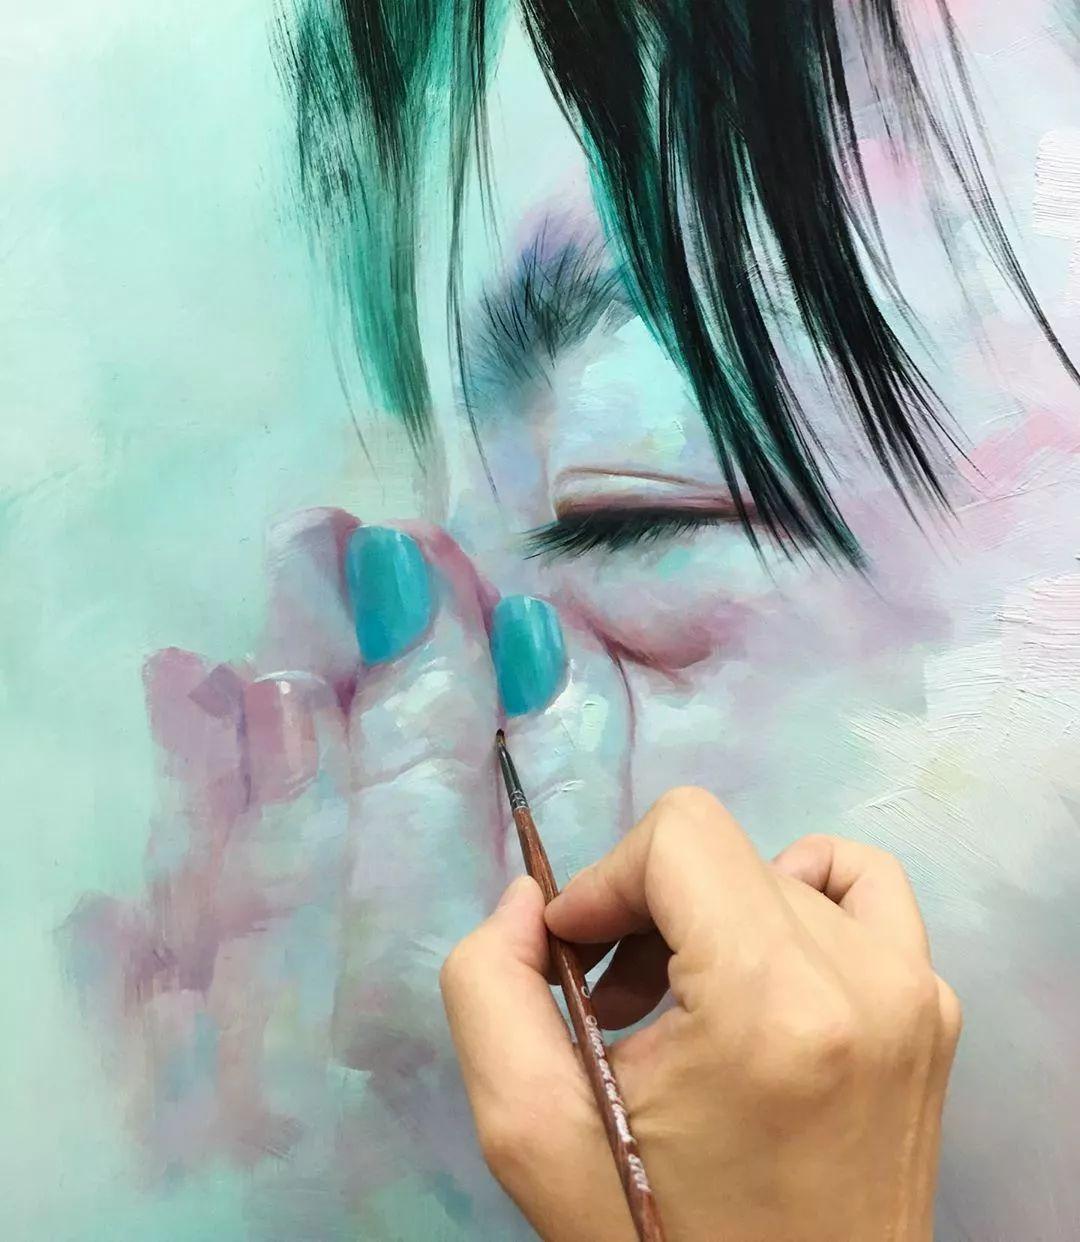 画笔留下的记忆,来自油画的魅力!插图41